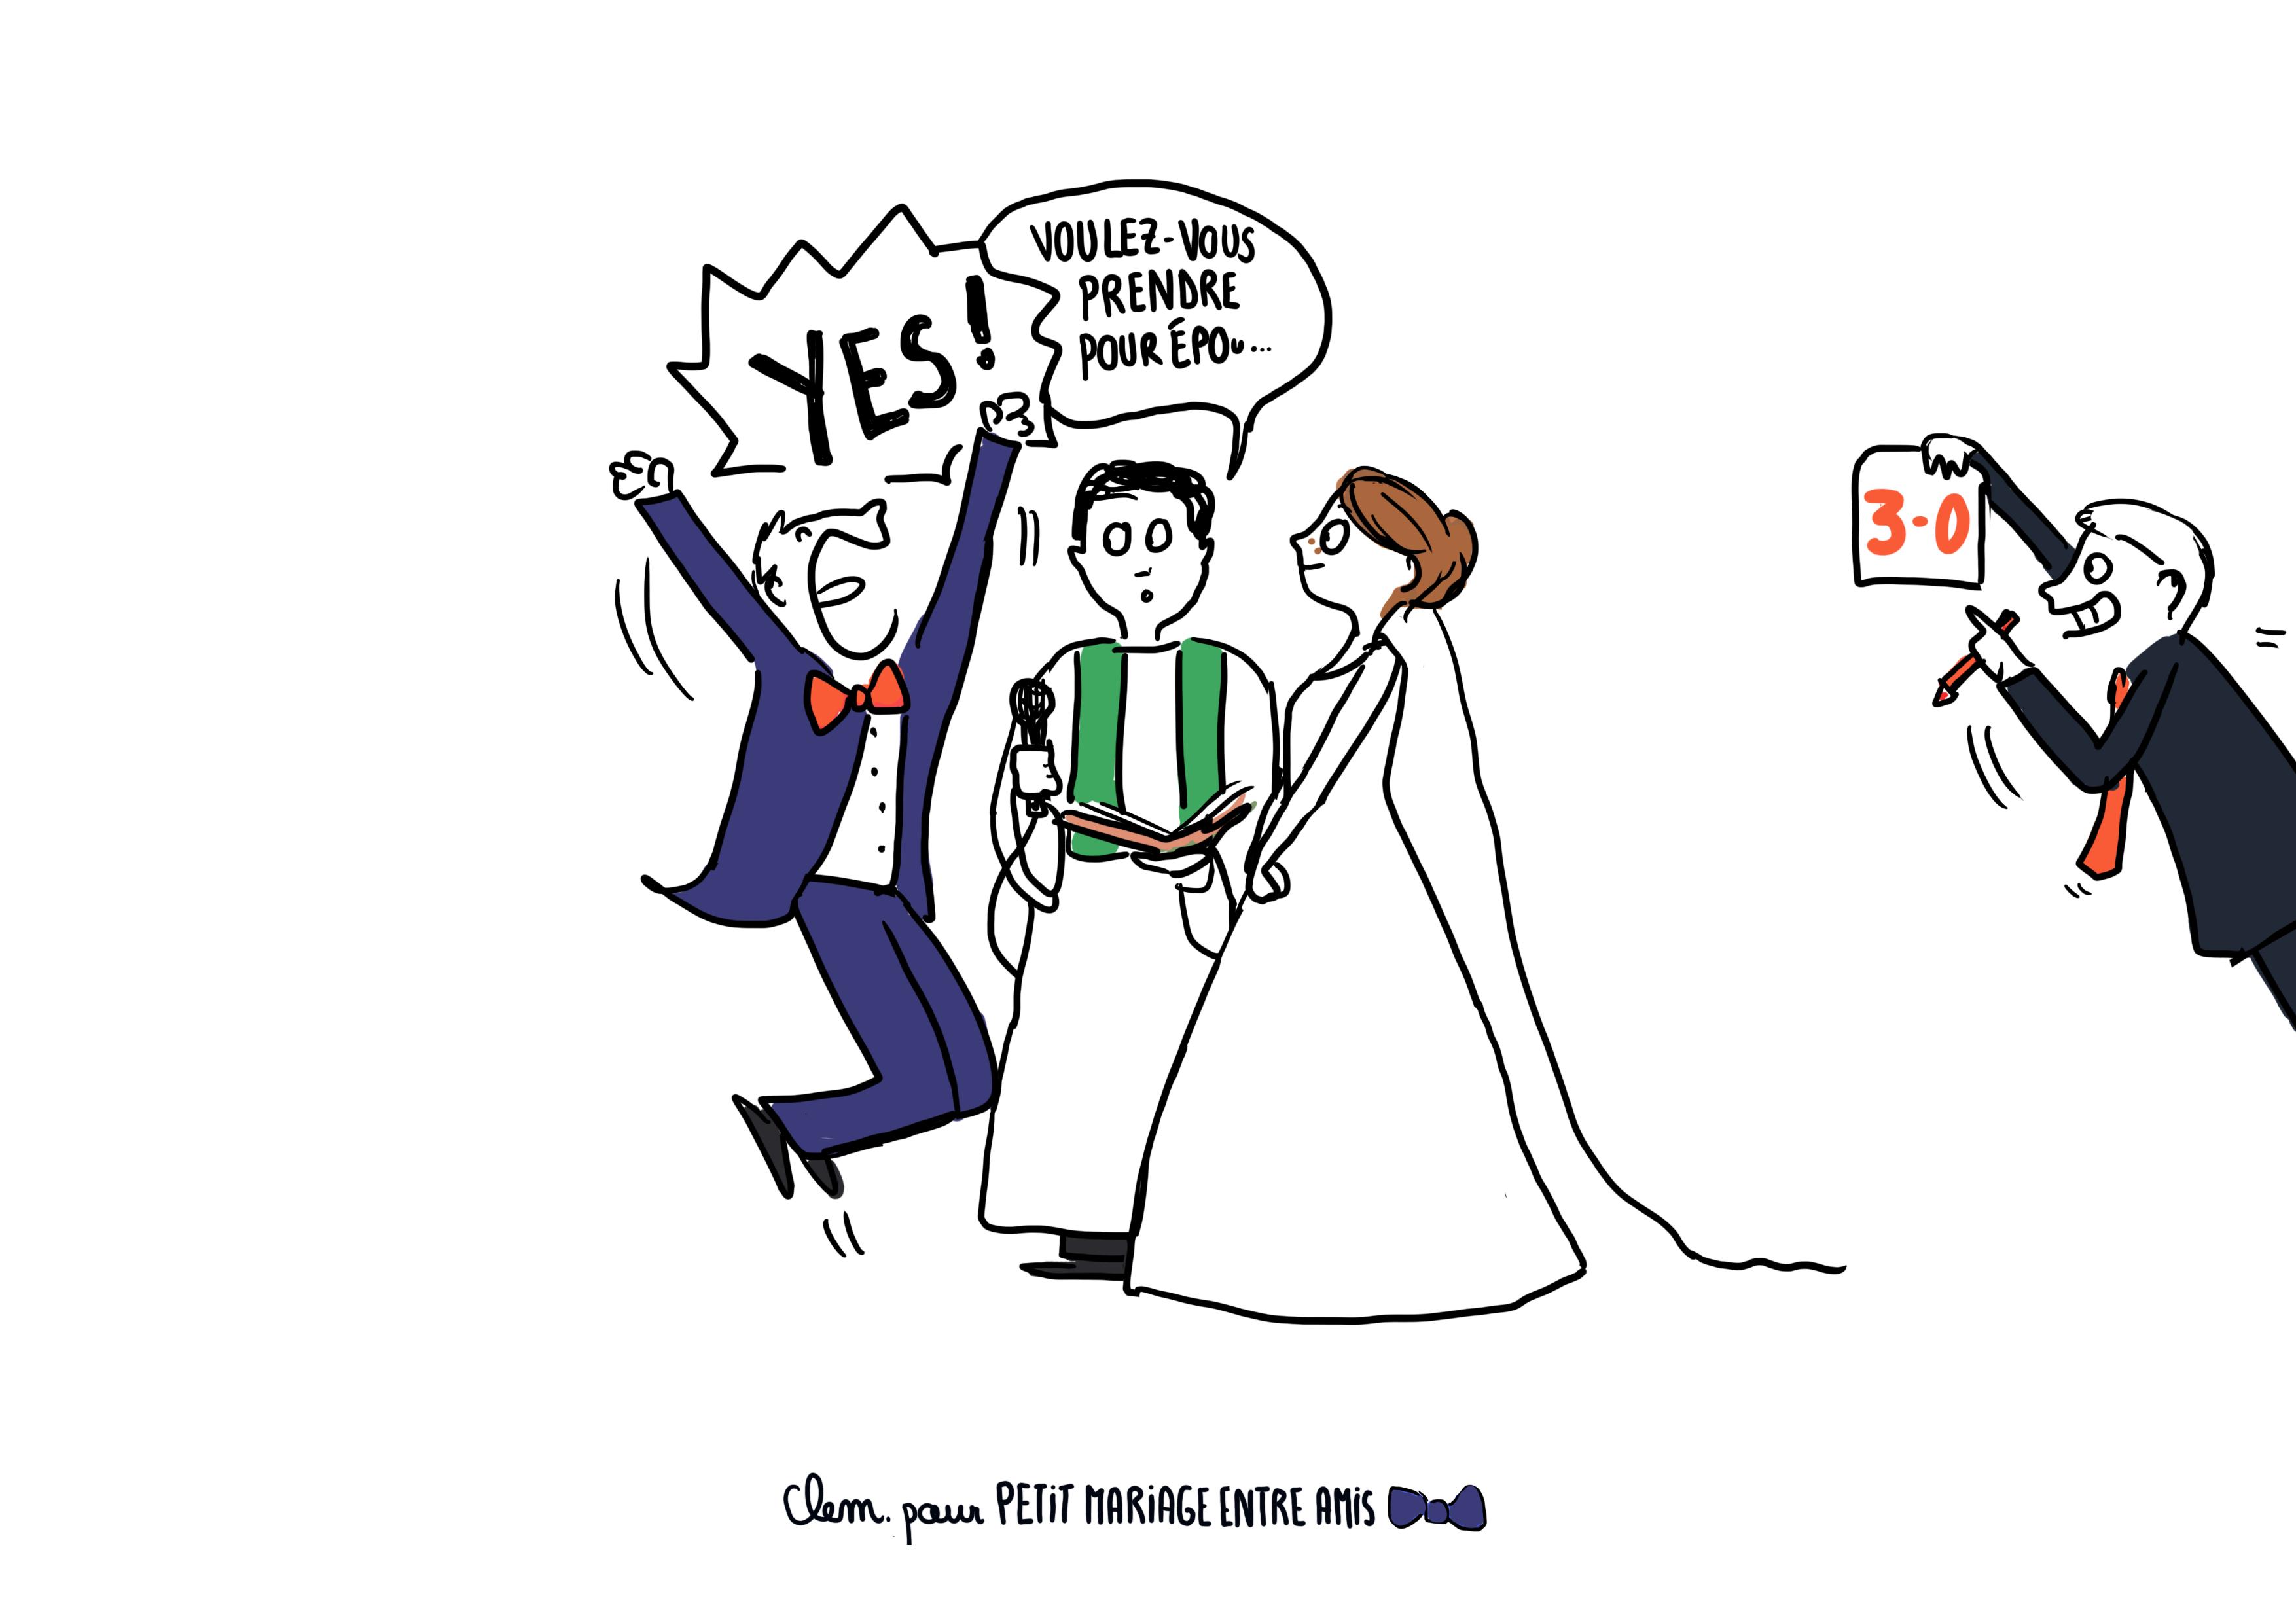 Petit-mariage-entre-amis